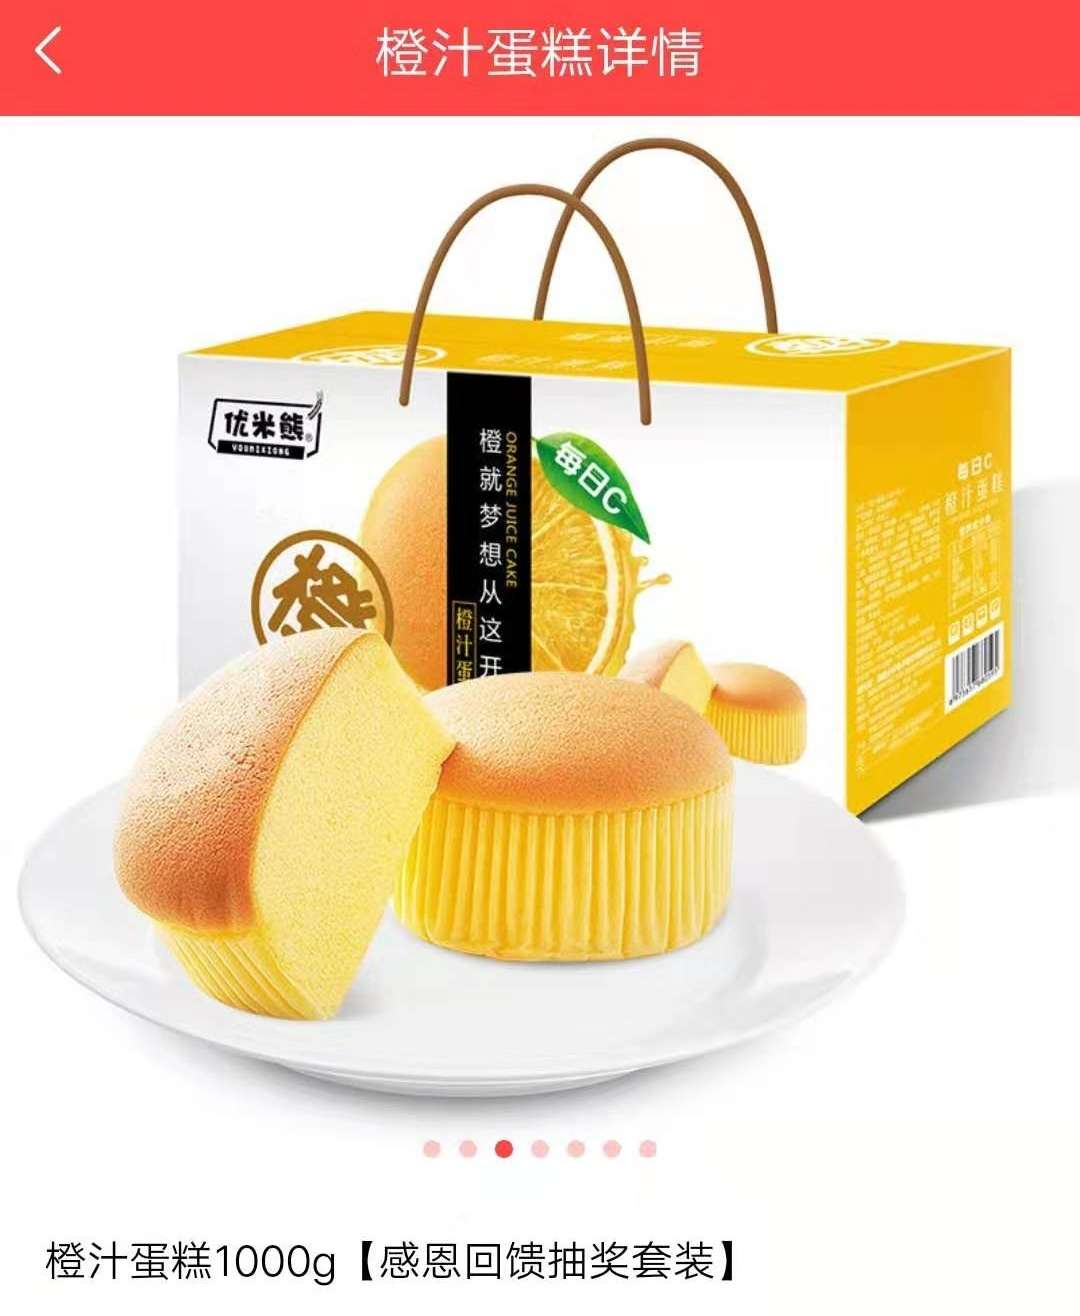 优米熊橙汁蛋糕